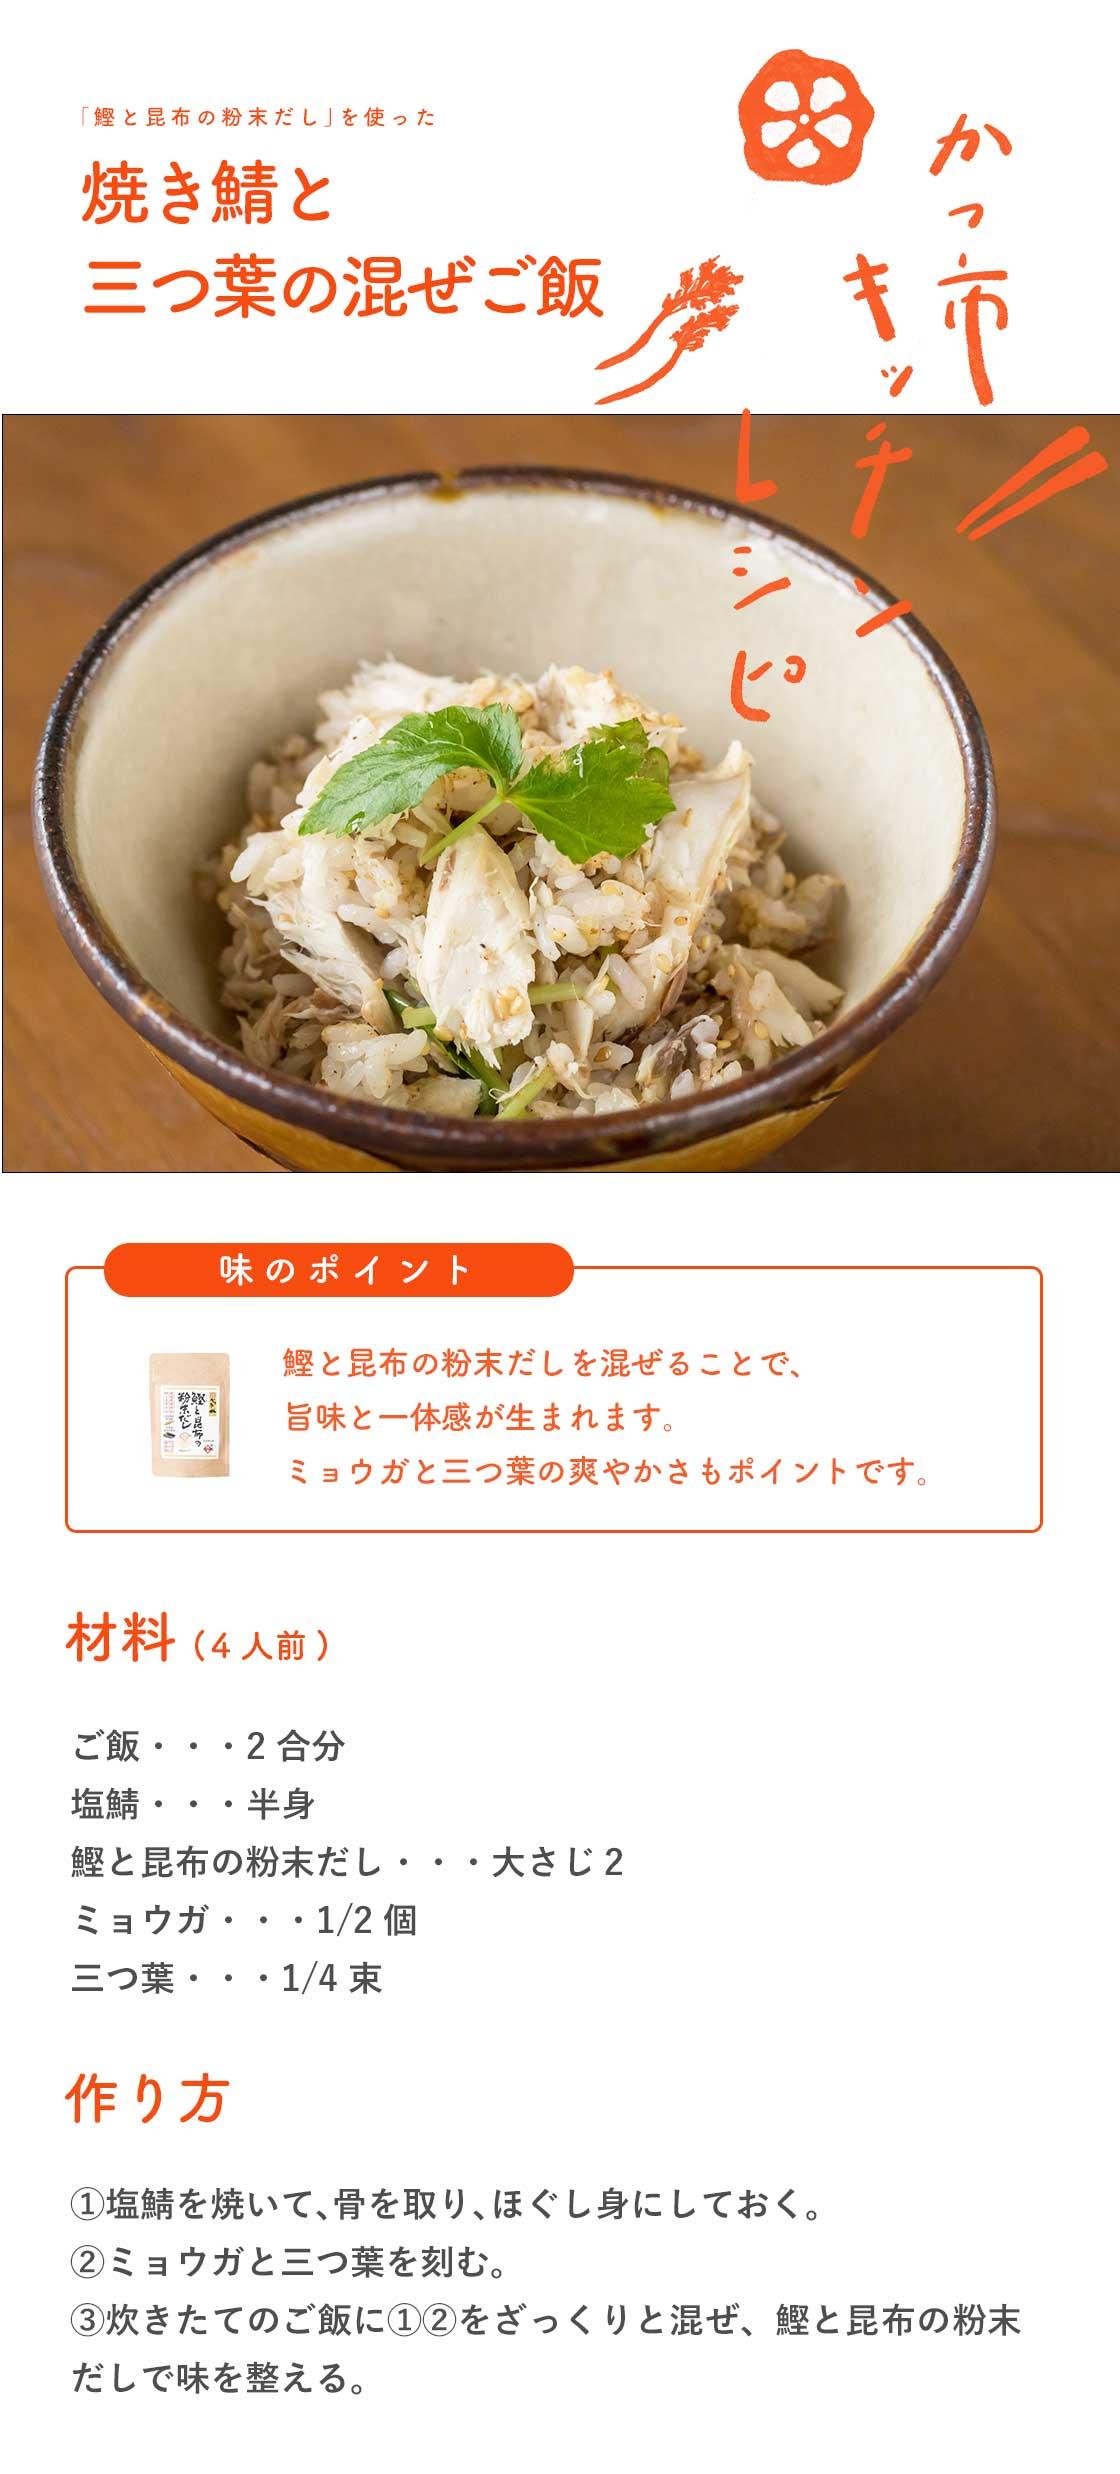 焼き鯖と三つ葉の混ぜご飯のレシピ